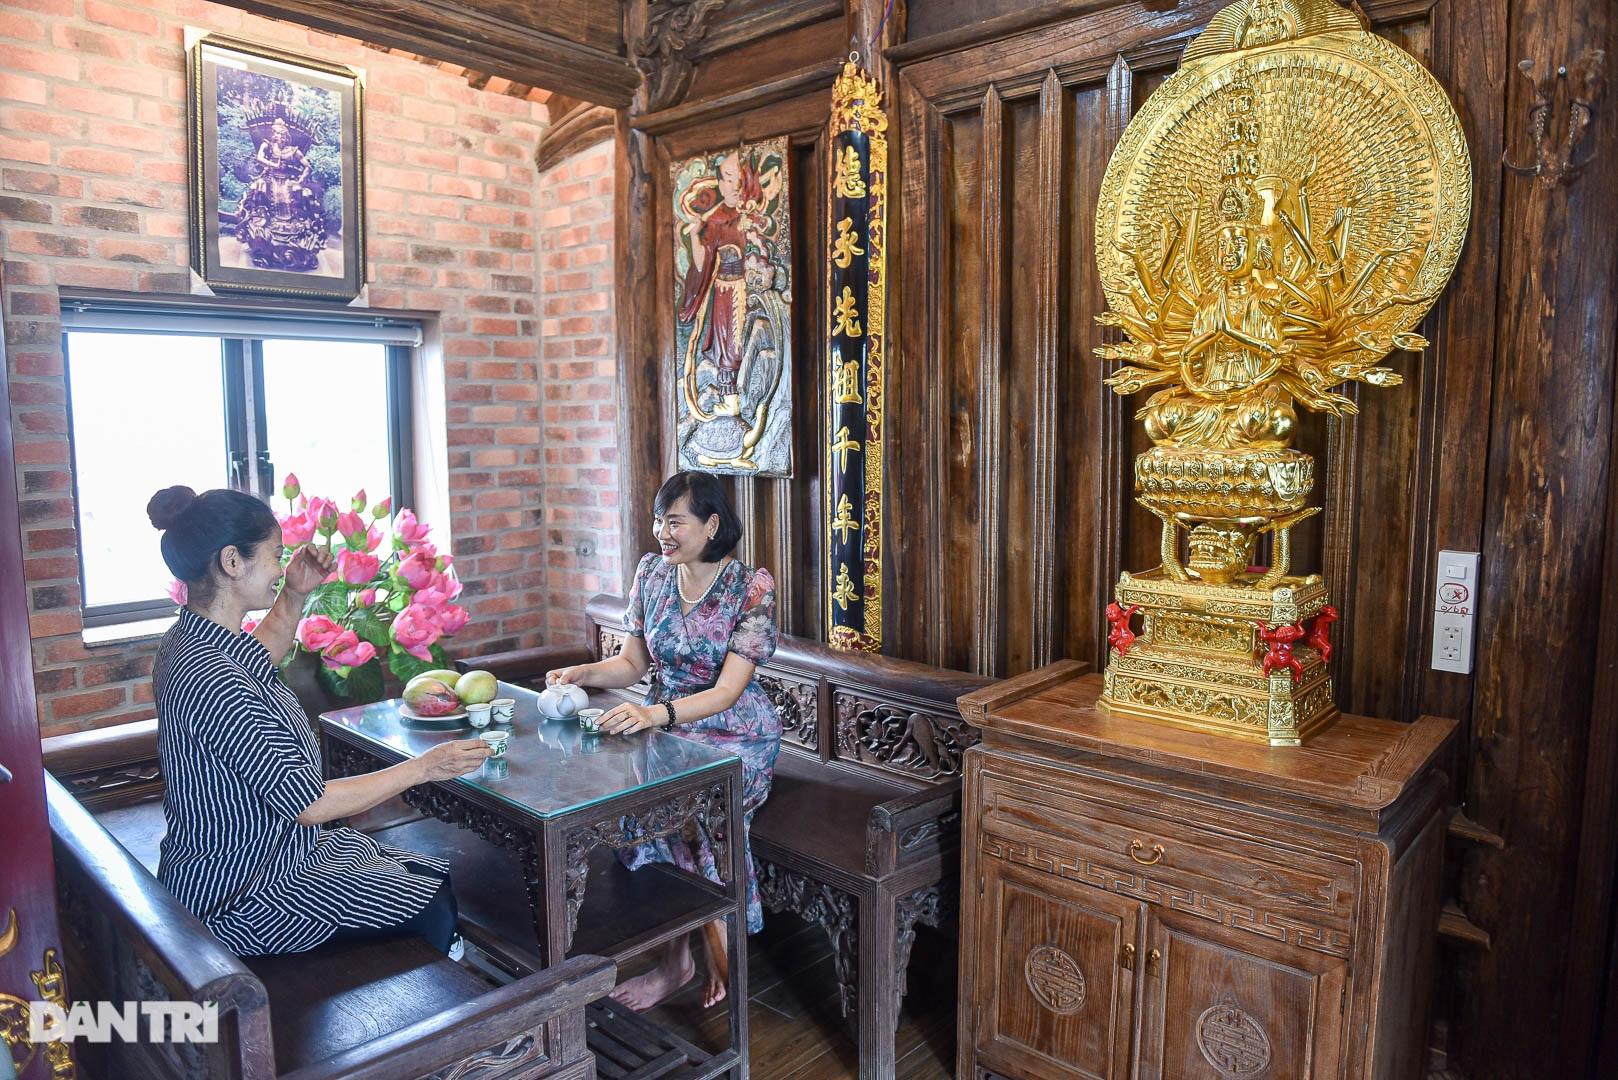 Độc đáo ngôi nhà cổ trăm tuổi rộng 100m2 tọa lạc trên nóc biệt thự ở Hà Nội - 12